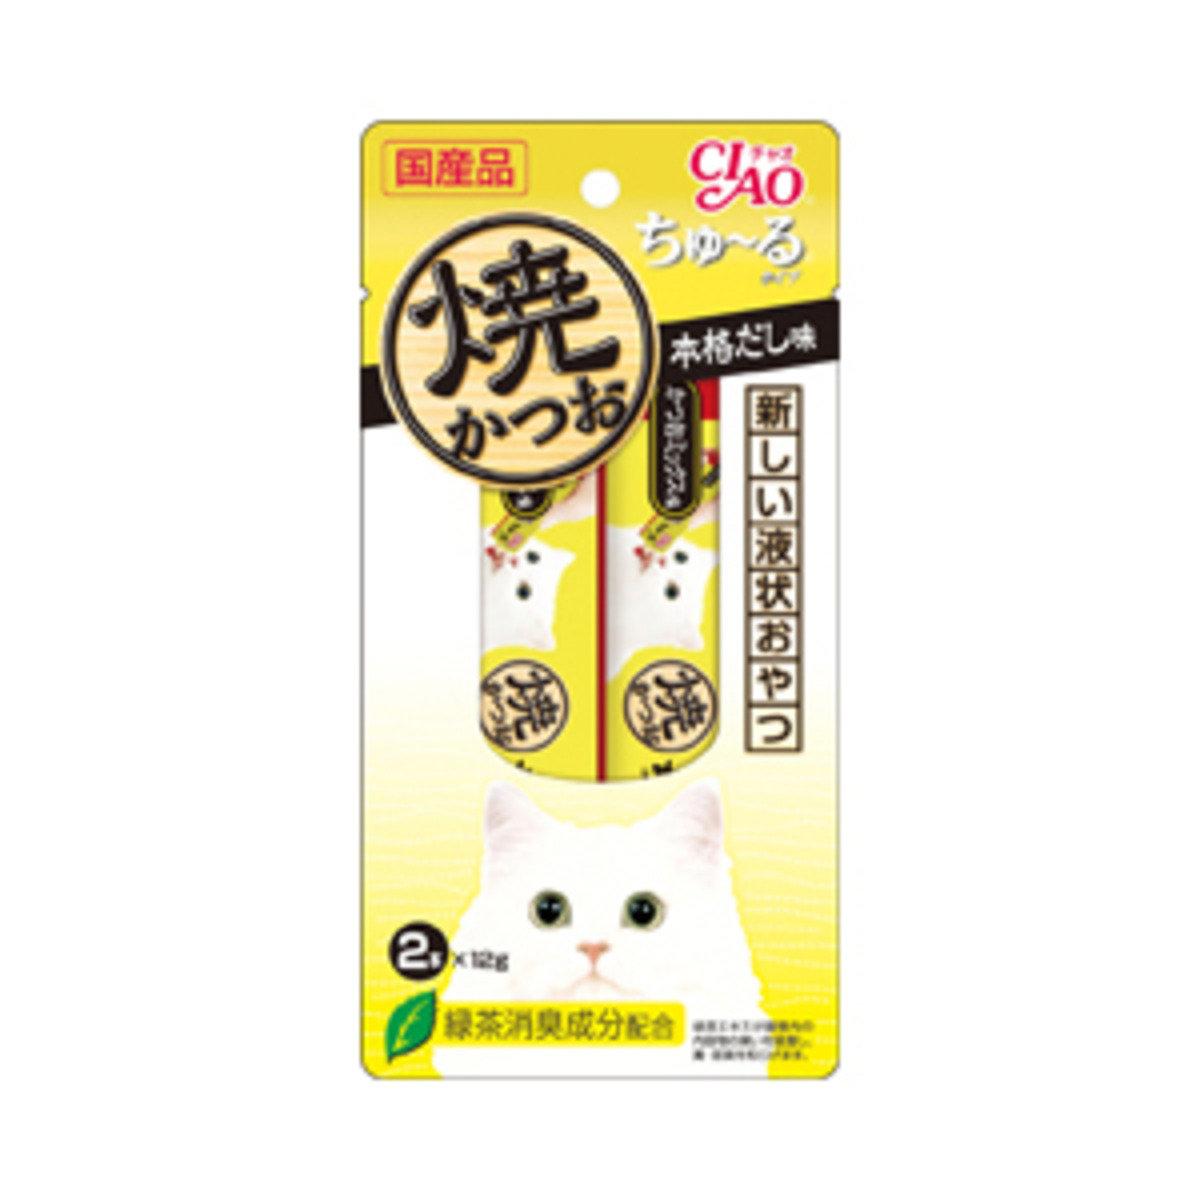 日本INABA綠茶烤鰹魚湯味濕糧 2R-106 (1包2本x12g)